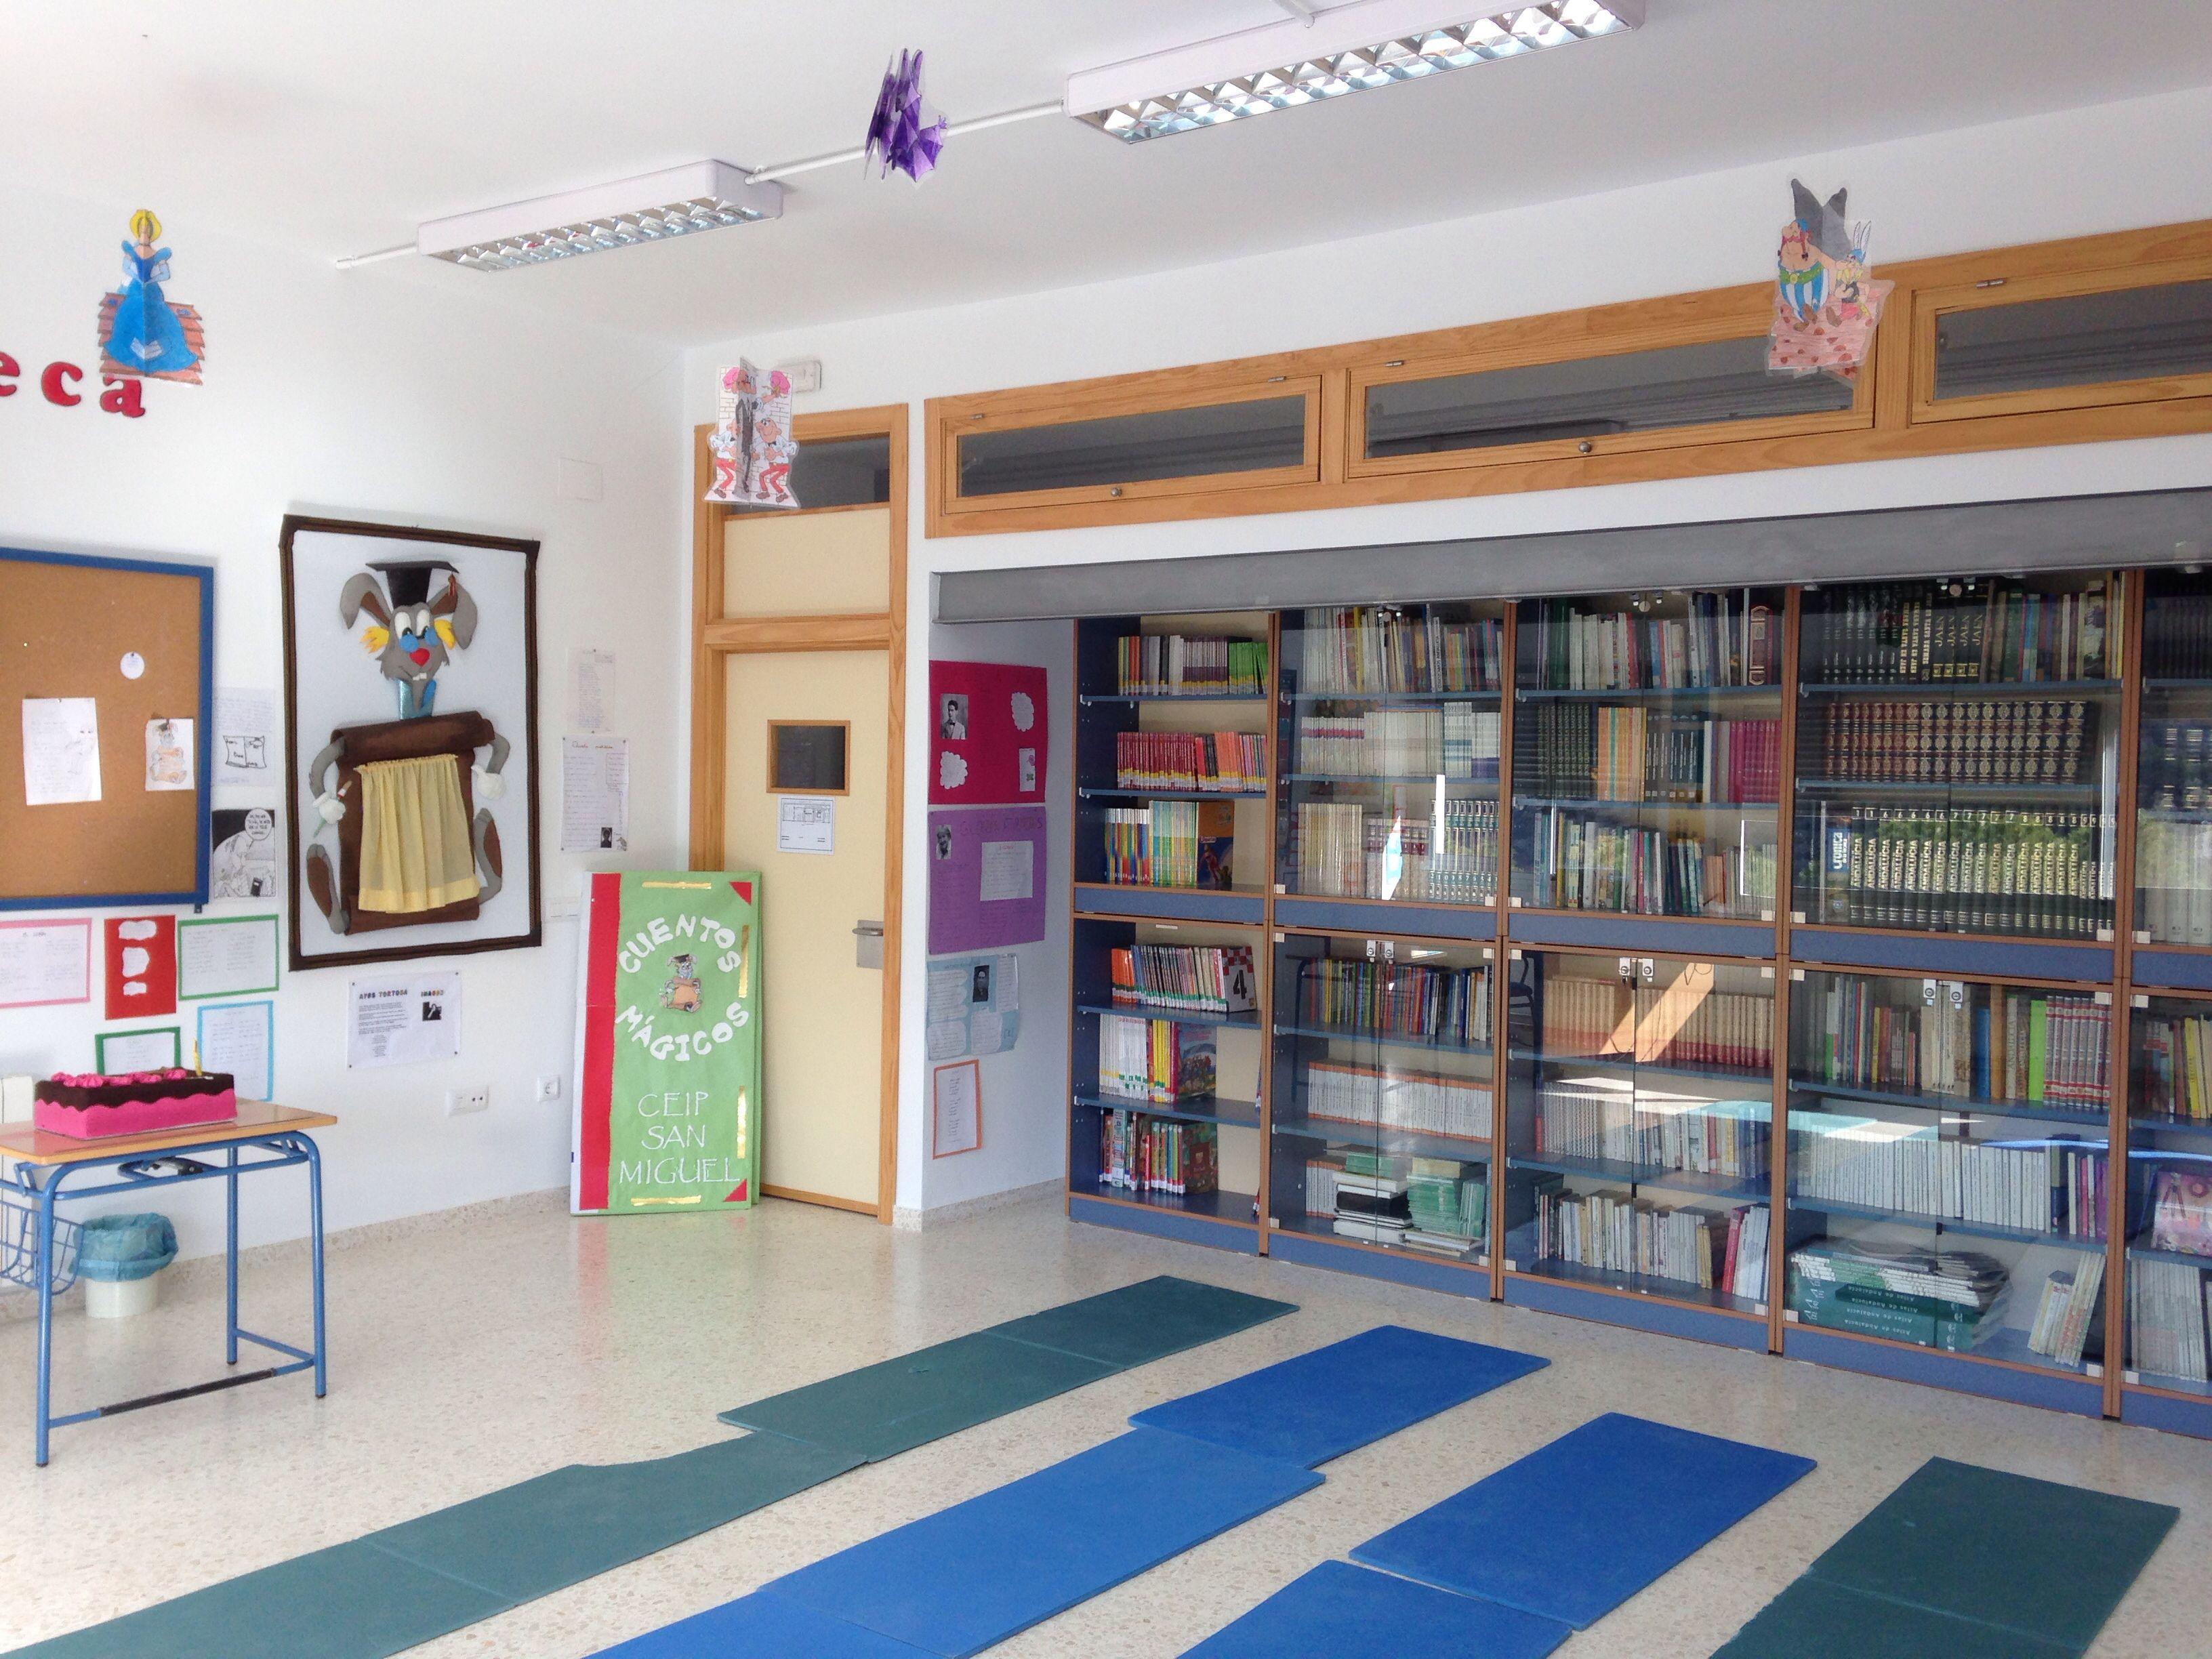 Bibloteca CEIP San Miguel Noguerones